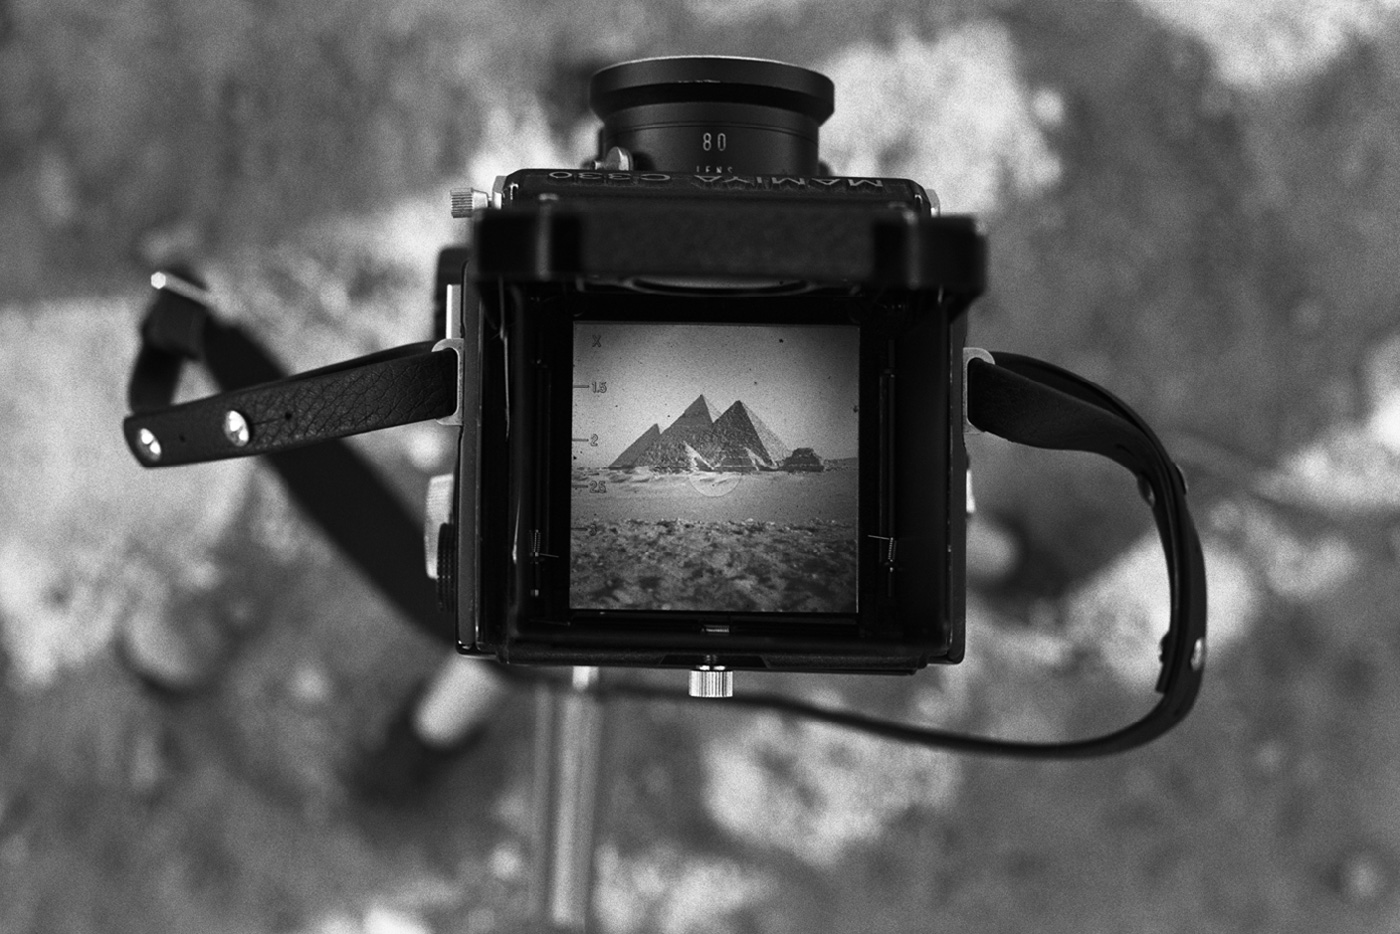 denis-roche 5 avril 1981. Gizeh, Égypte